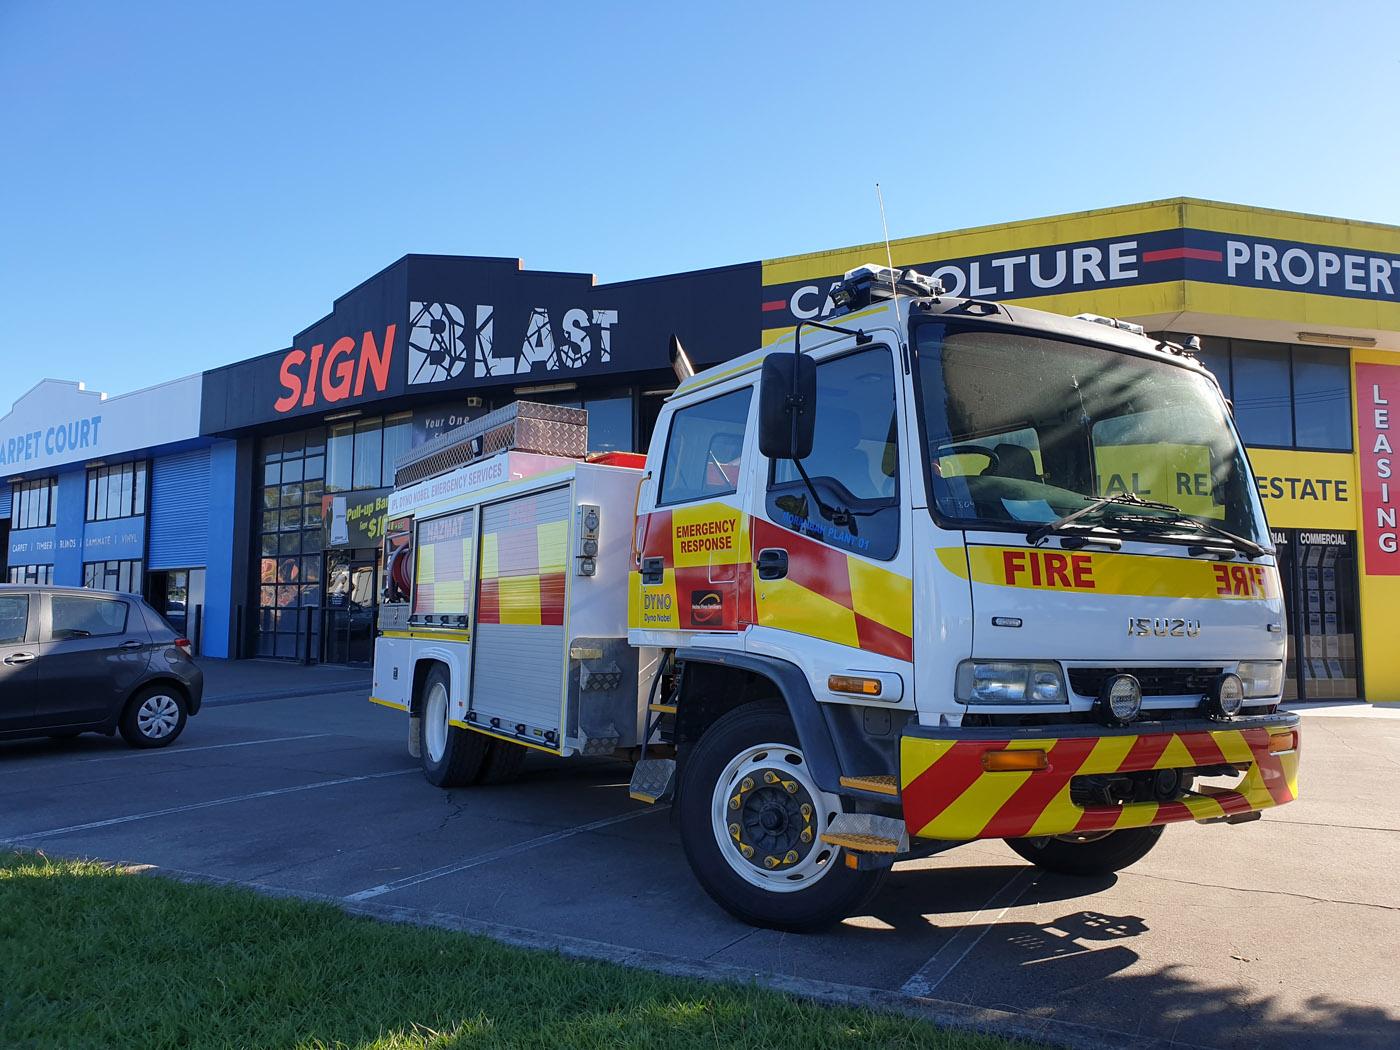 Isuzu-Fire-Truck